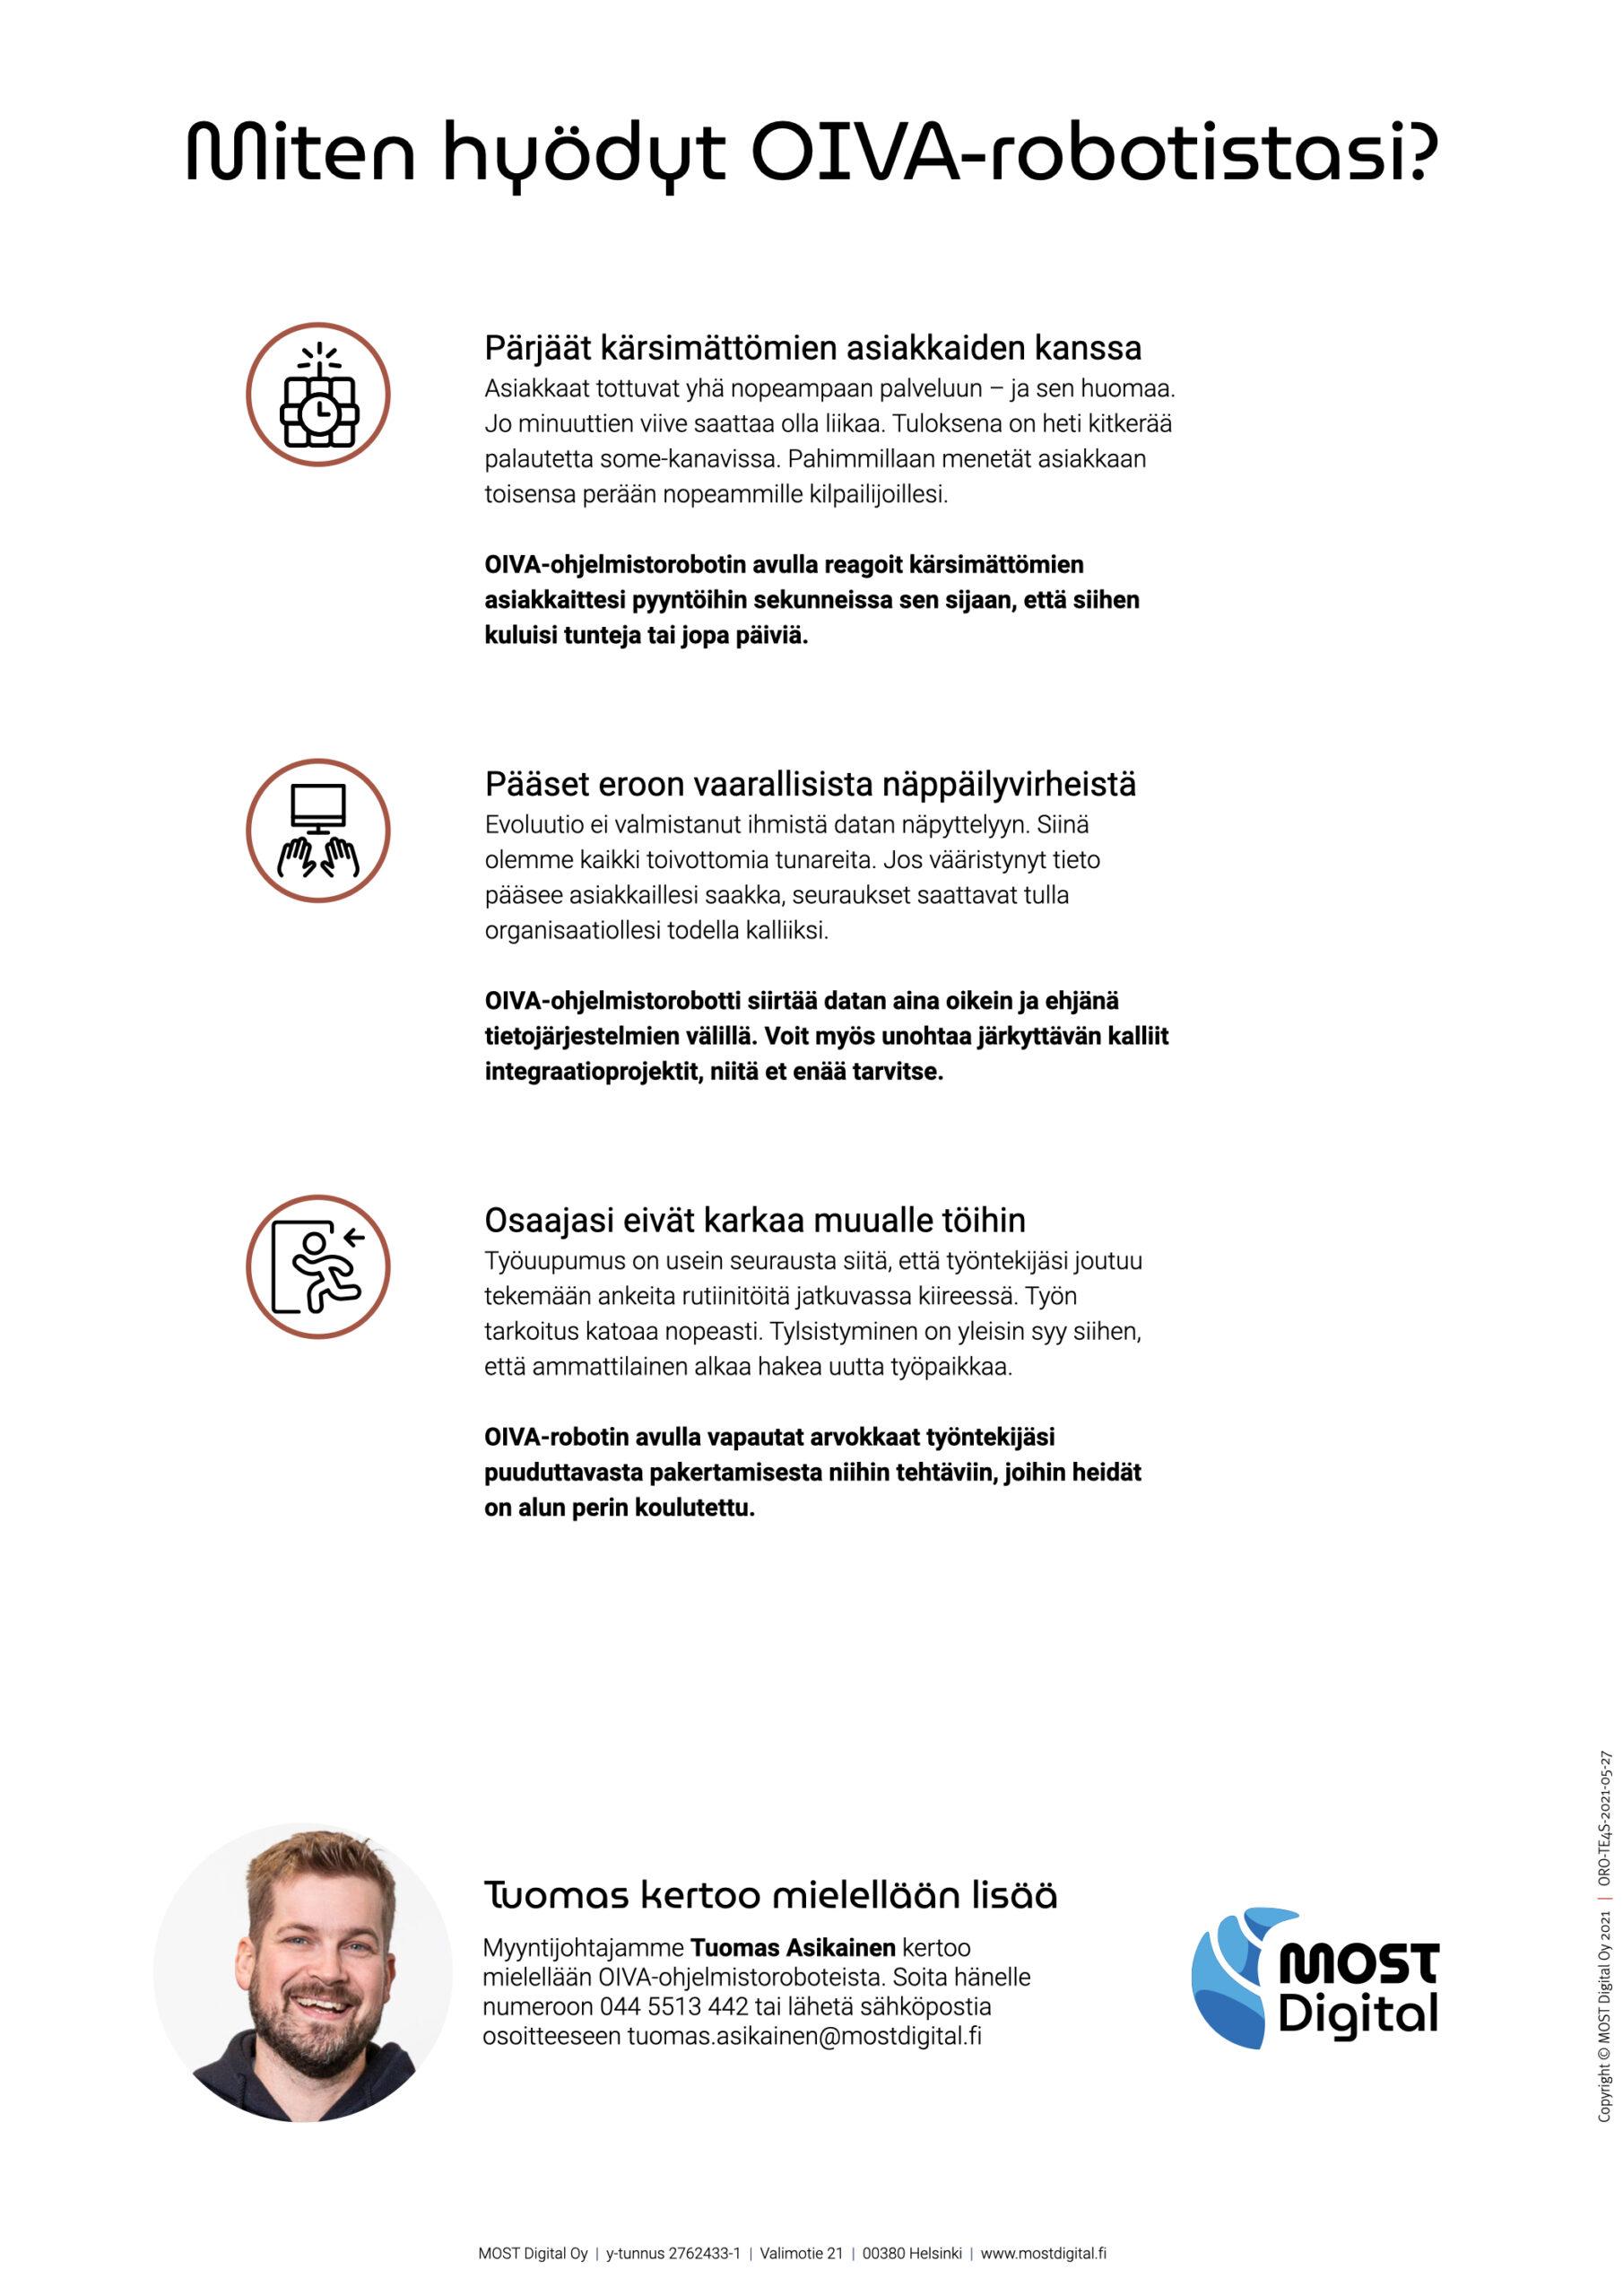 OIVA-ohjelmistorobotti, ESITE, sivu 4/4: Esitteen takasivu kertaa tärkemmät hyödyt ja ohjaa mahdolliset ostajaehdokkaat suoraan myyntijohtaja Tuomas Asikaisen hellään huomaan.